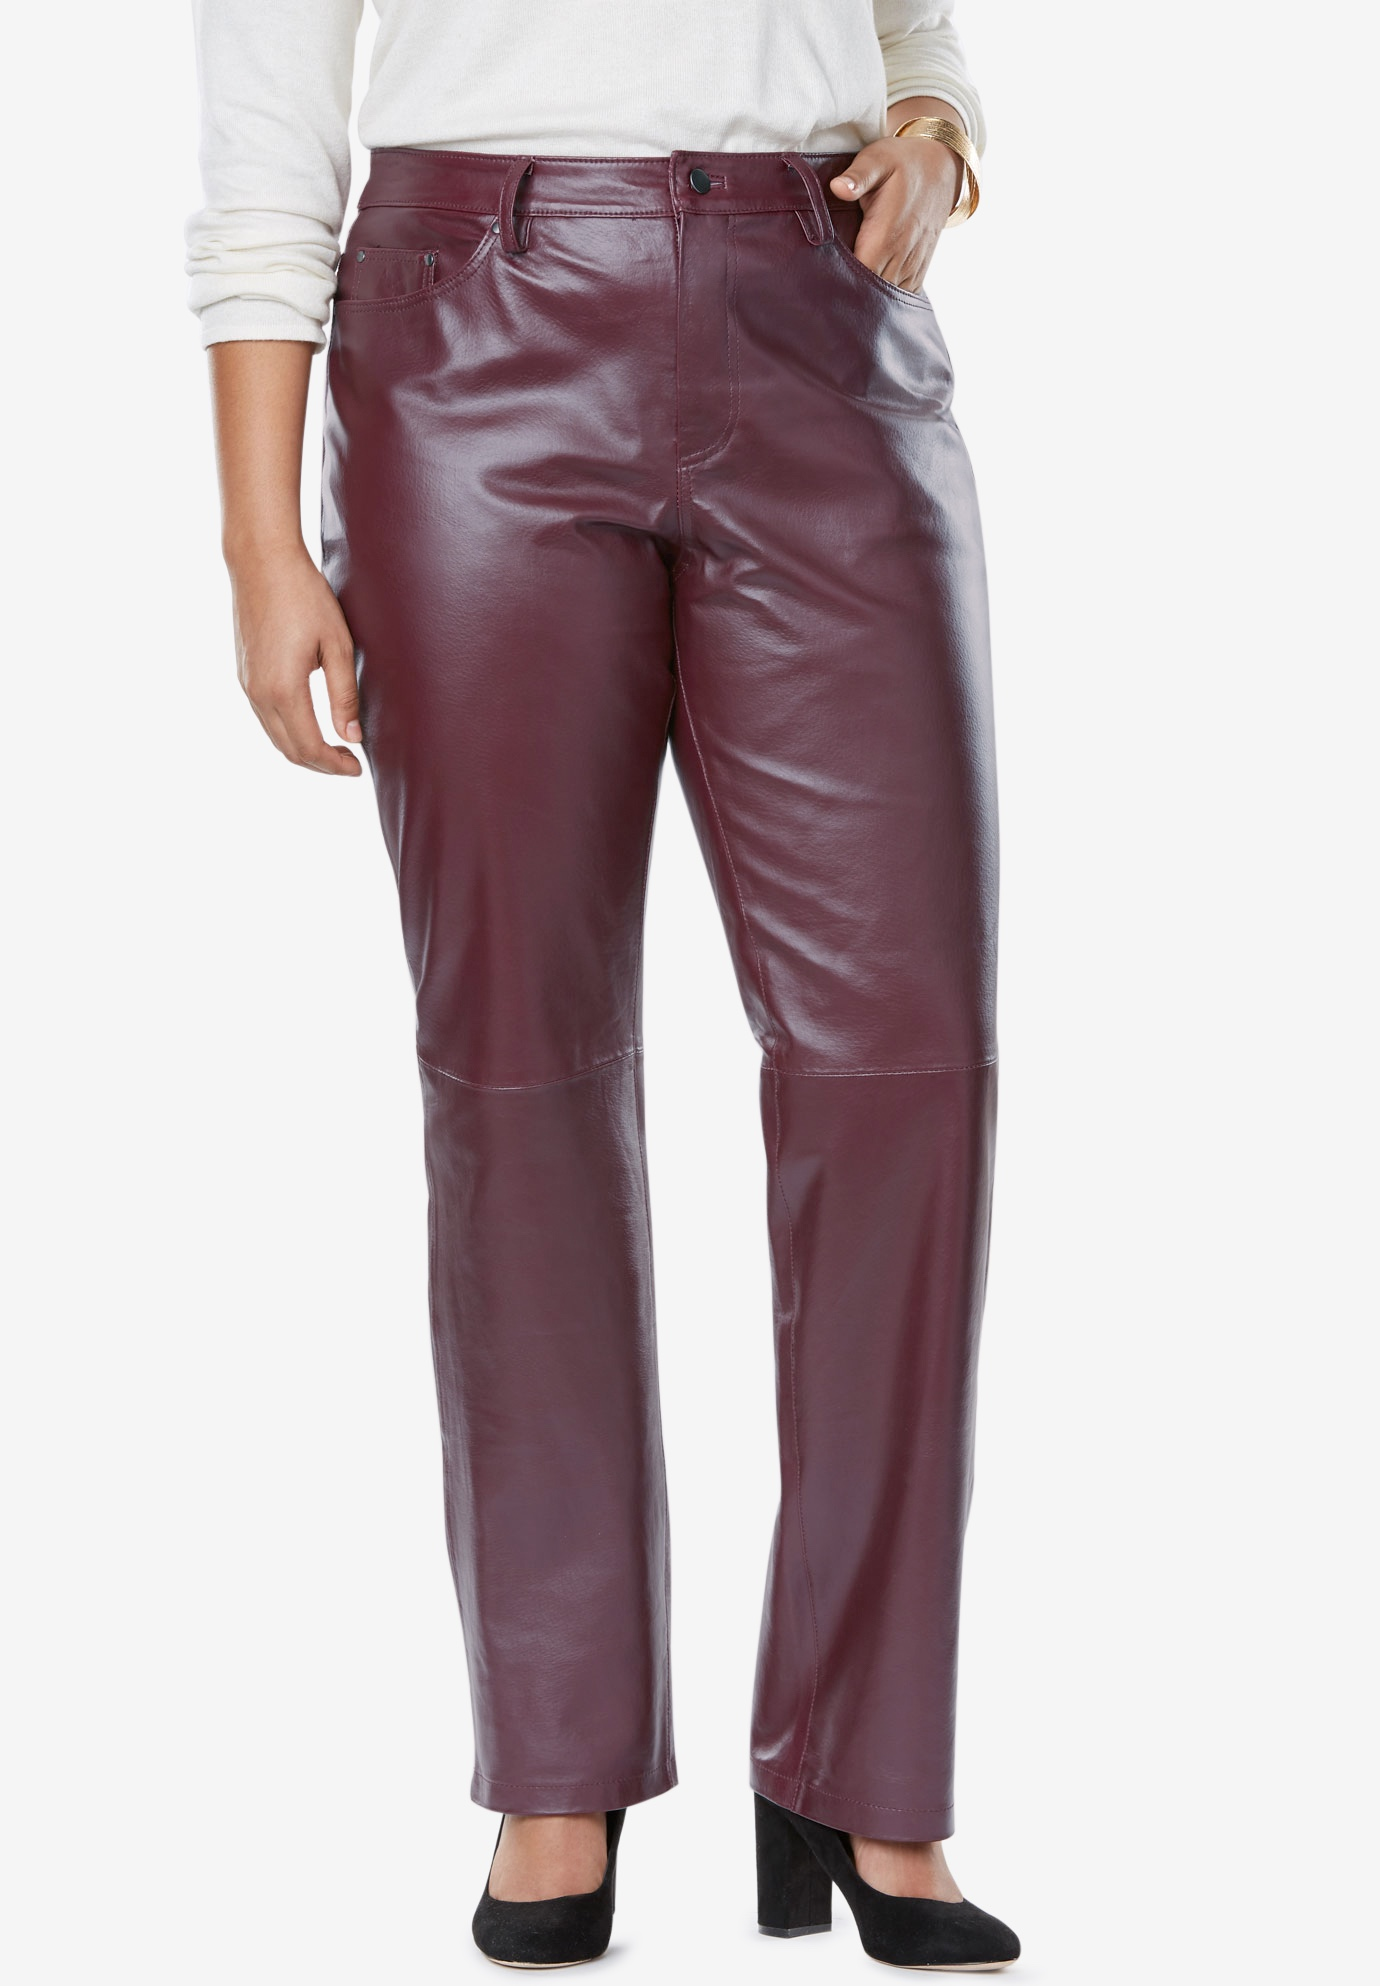 fa5ea21f5040 Straight Leg Leather Pants